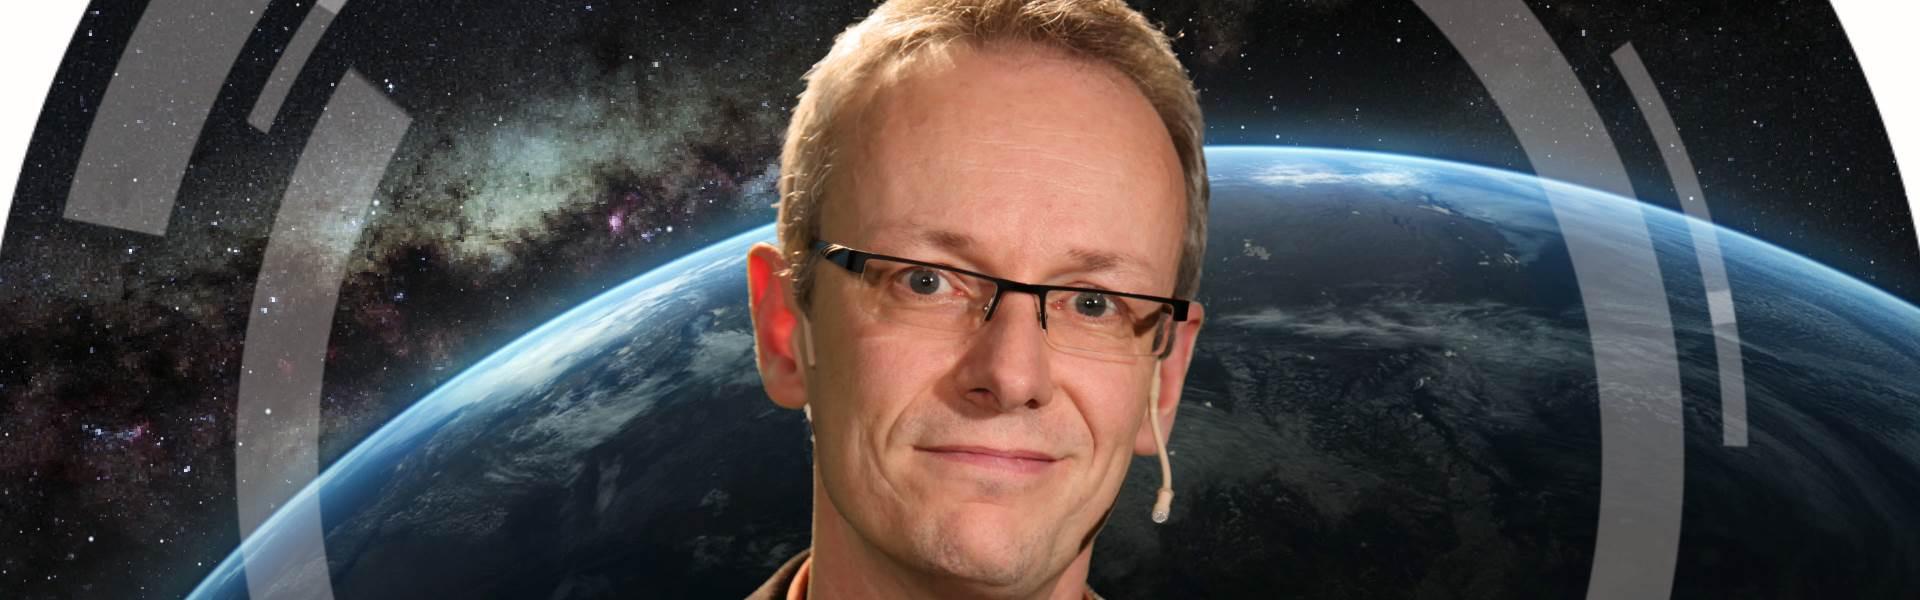 Paul Hombach